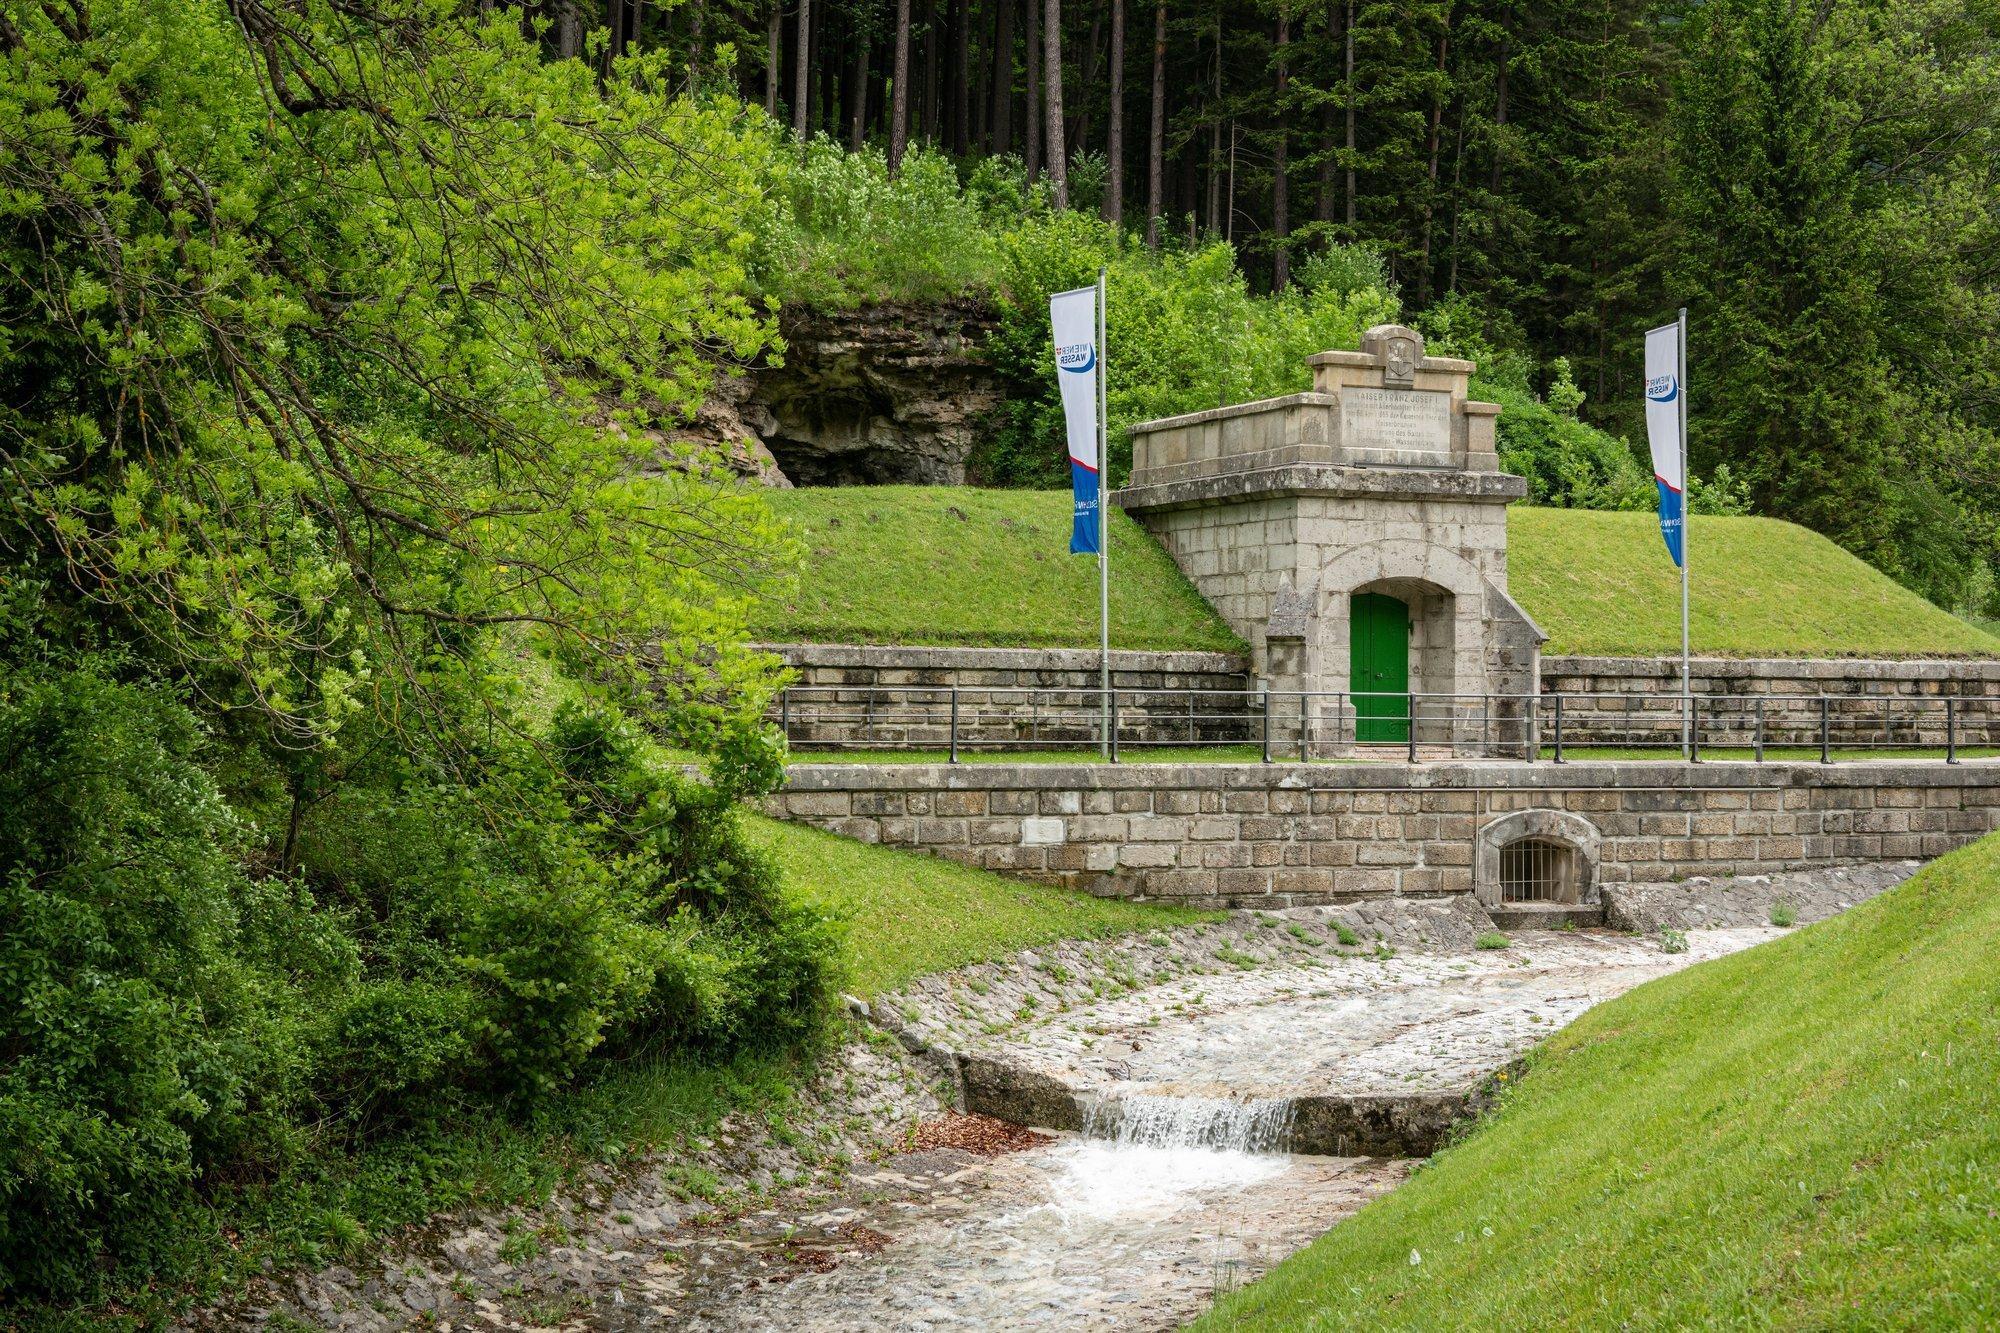 An einem bewaldeten Abhang befindet sich ein steinernes Tor in die Schächte der Wiener Wasserversorgung. Daneben stehen zwei Fahnen.